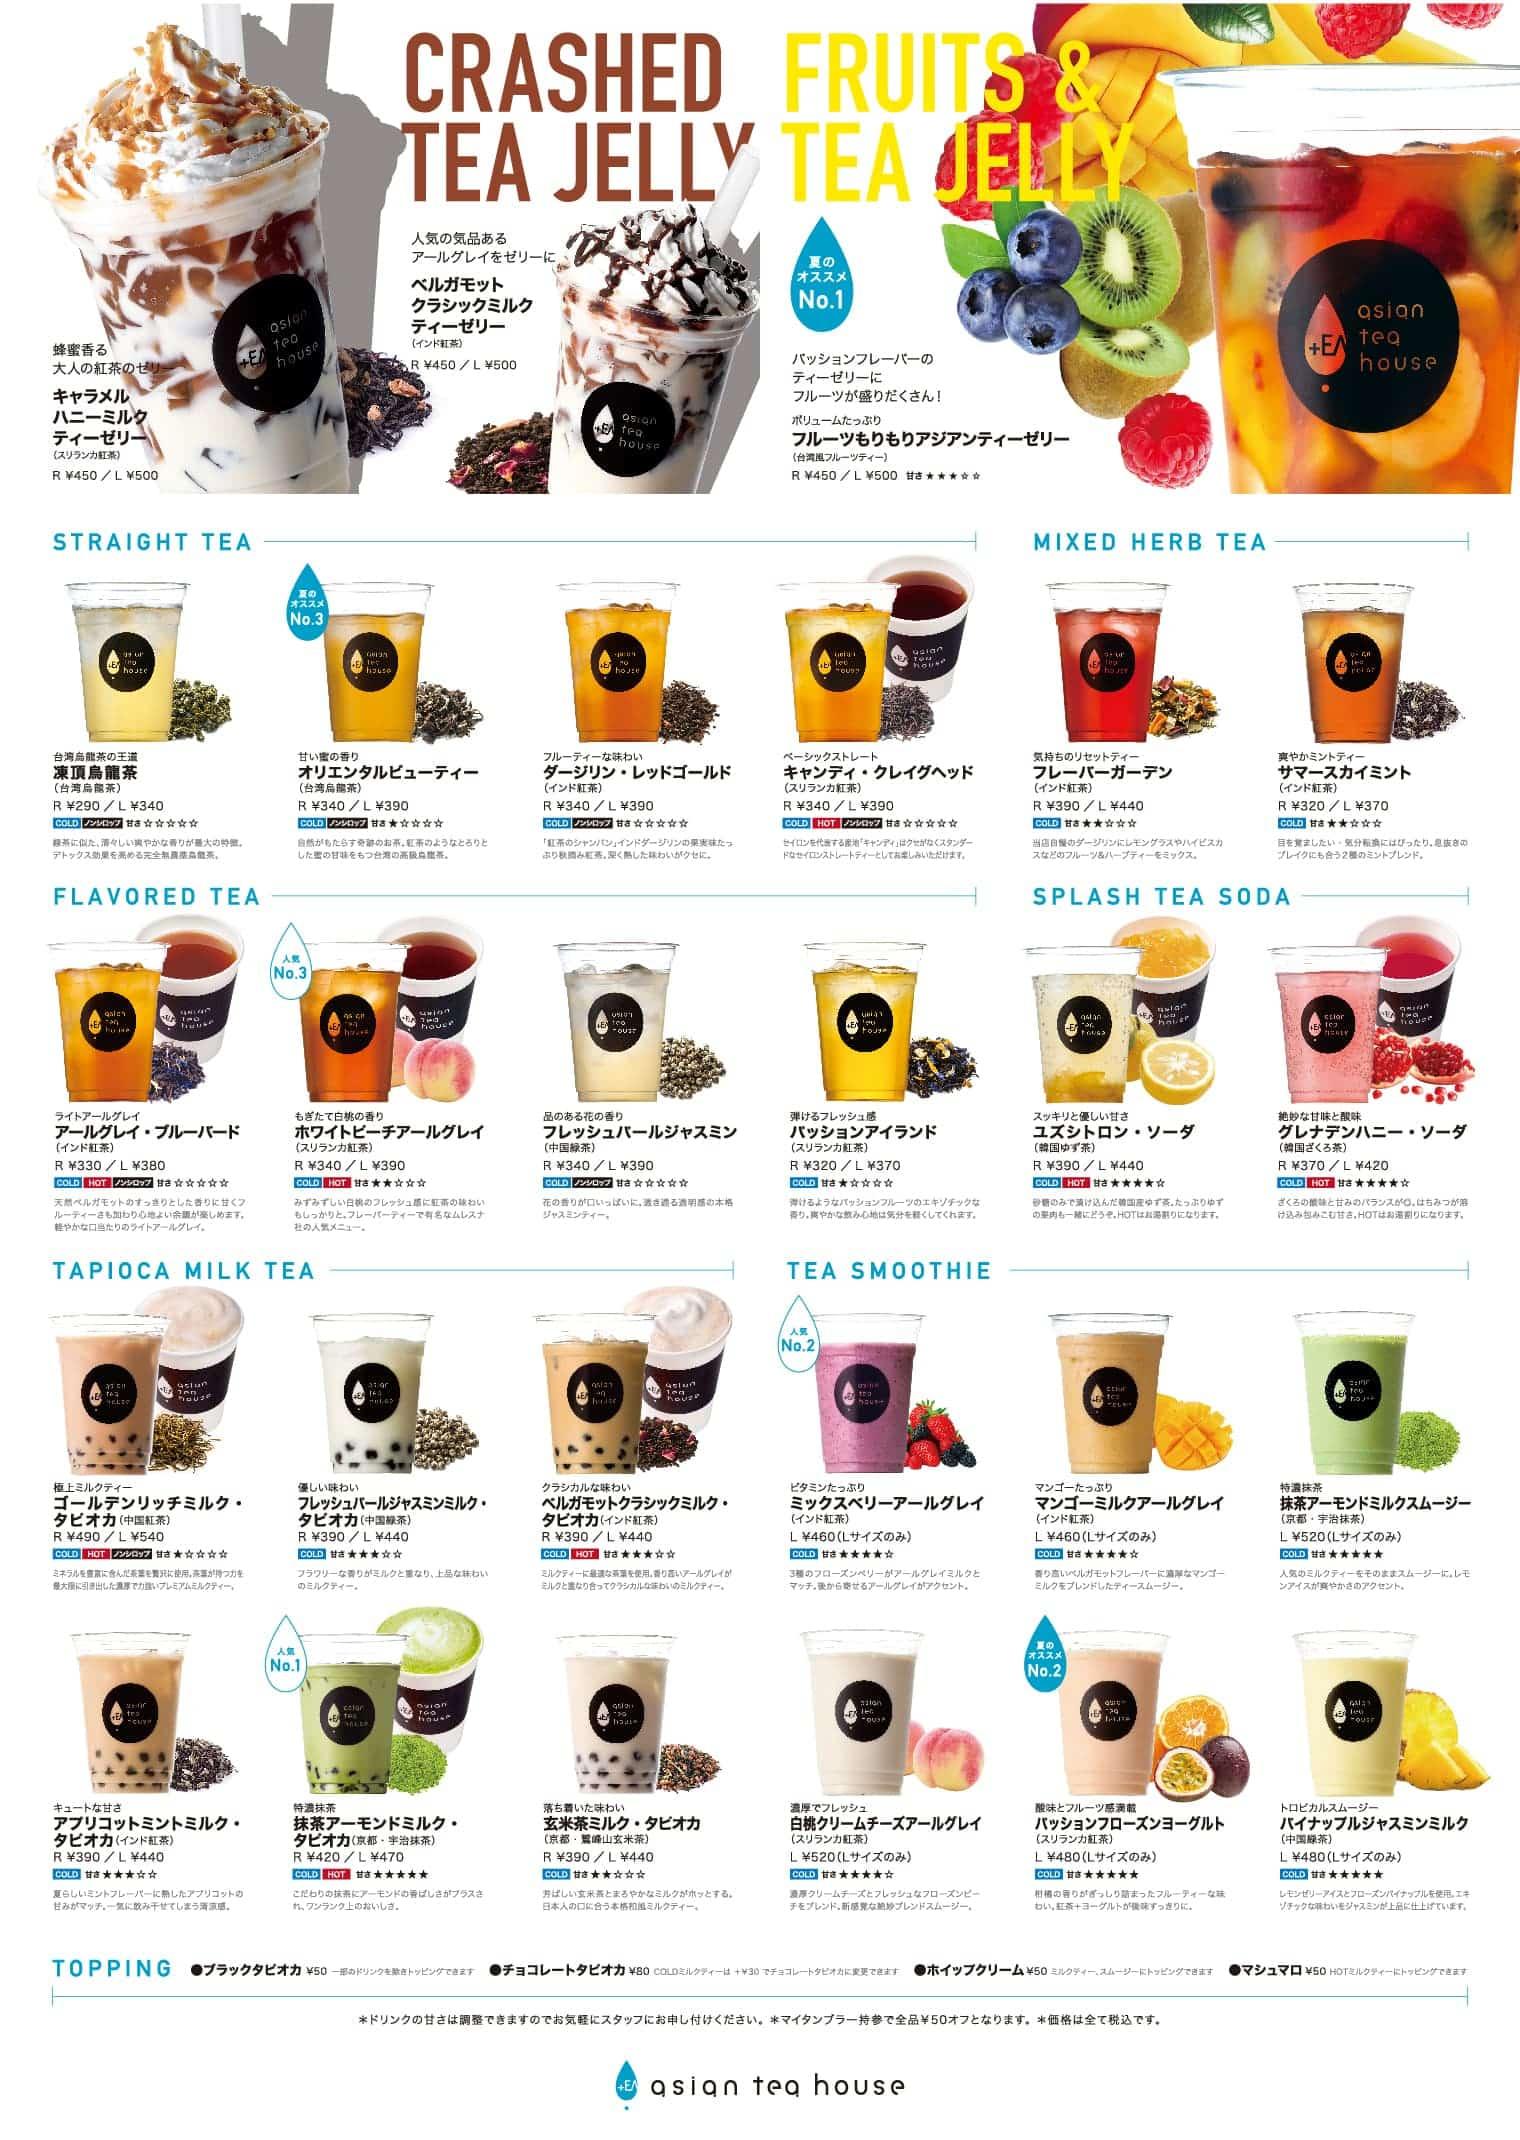 9 1 - ตัวอย่างป้ายเมนูเครื่องดื่มกาแฟ เมนูอาหารดีไซน์สไตล์ญี่ปุ่น